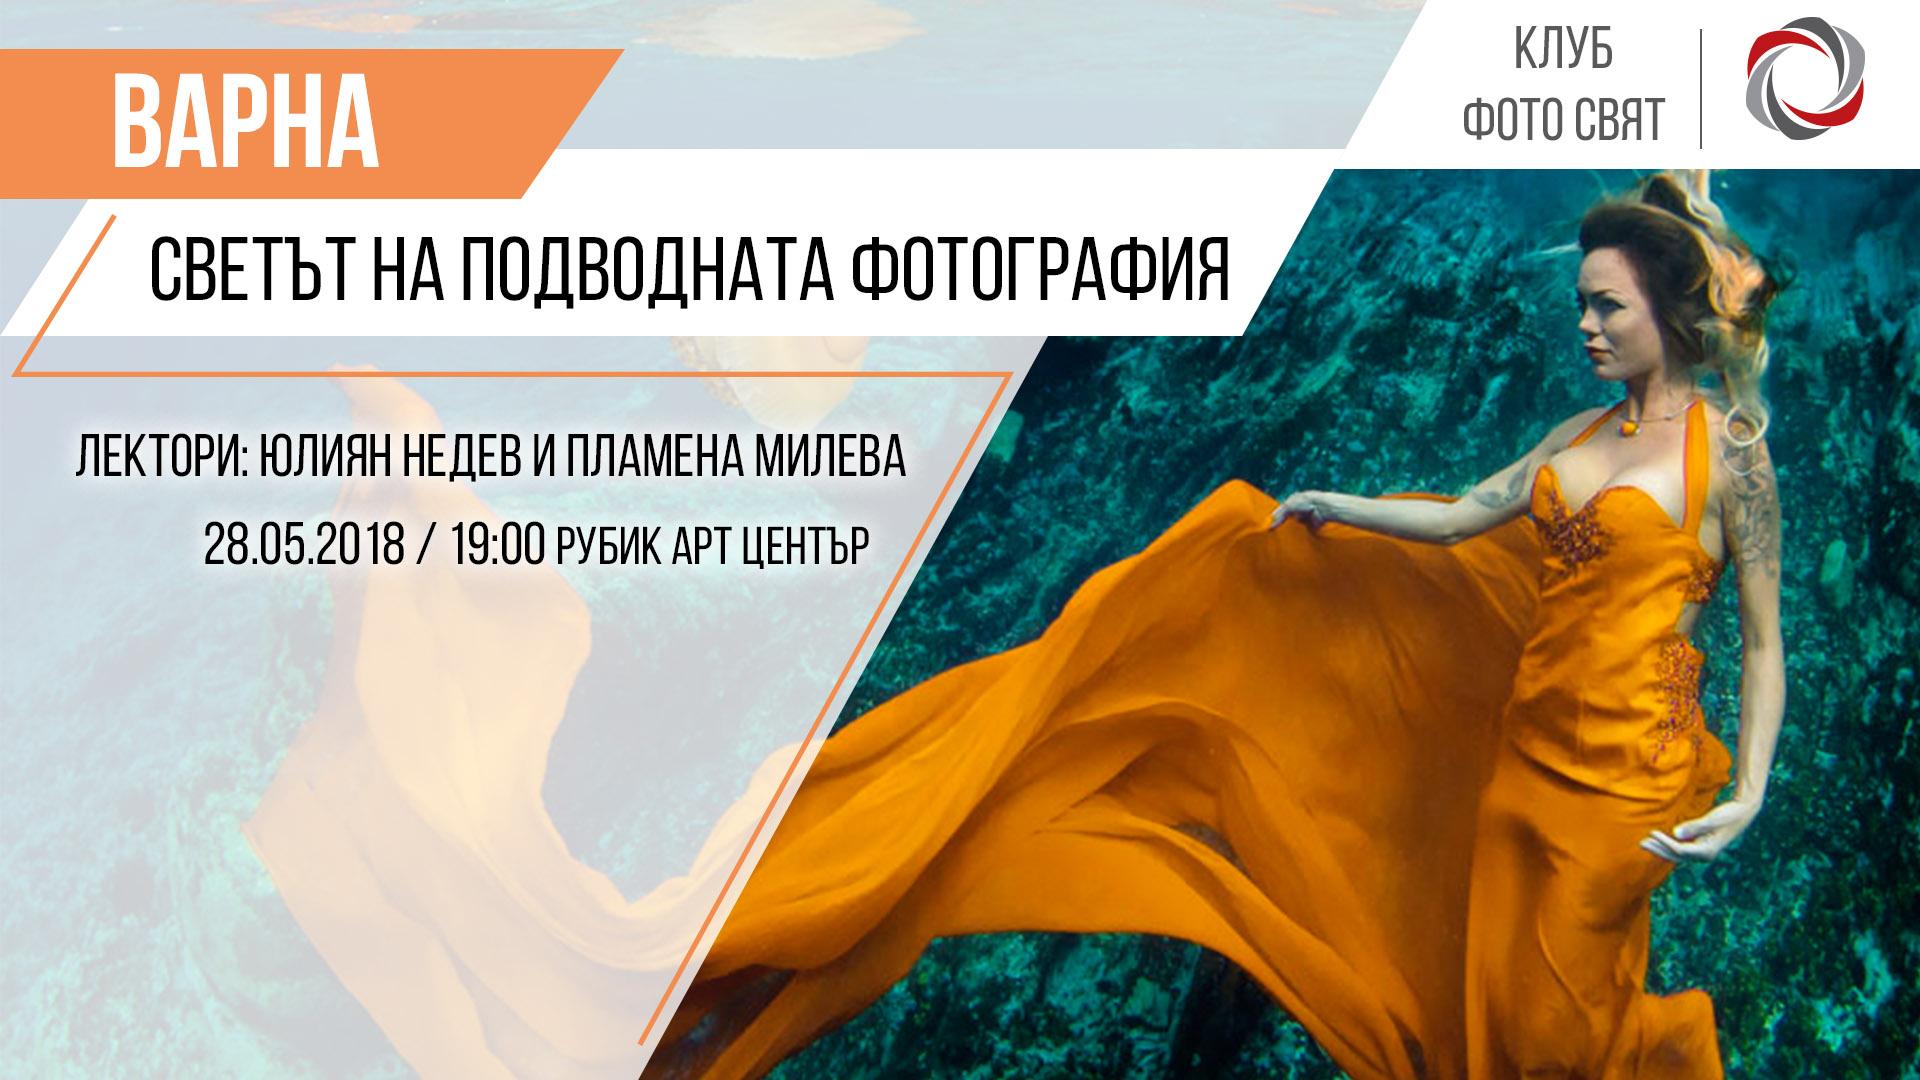 """""""Светът на подводната фотография"""" с Юлиян Недев и Пламена Милева"""